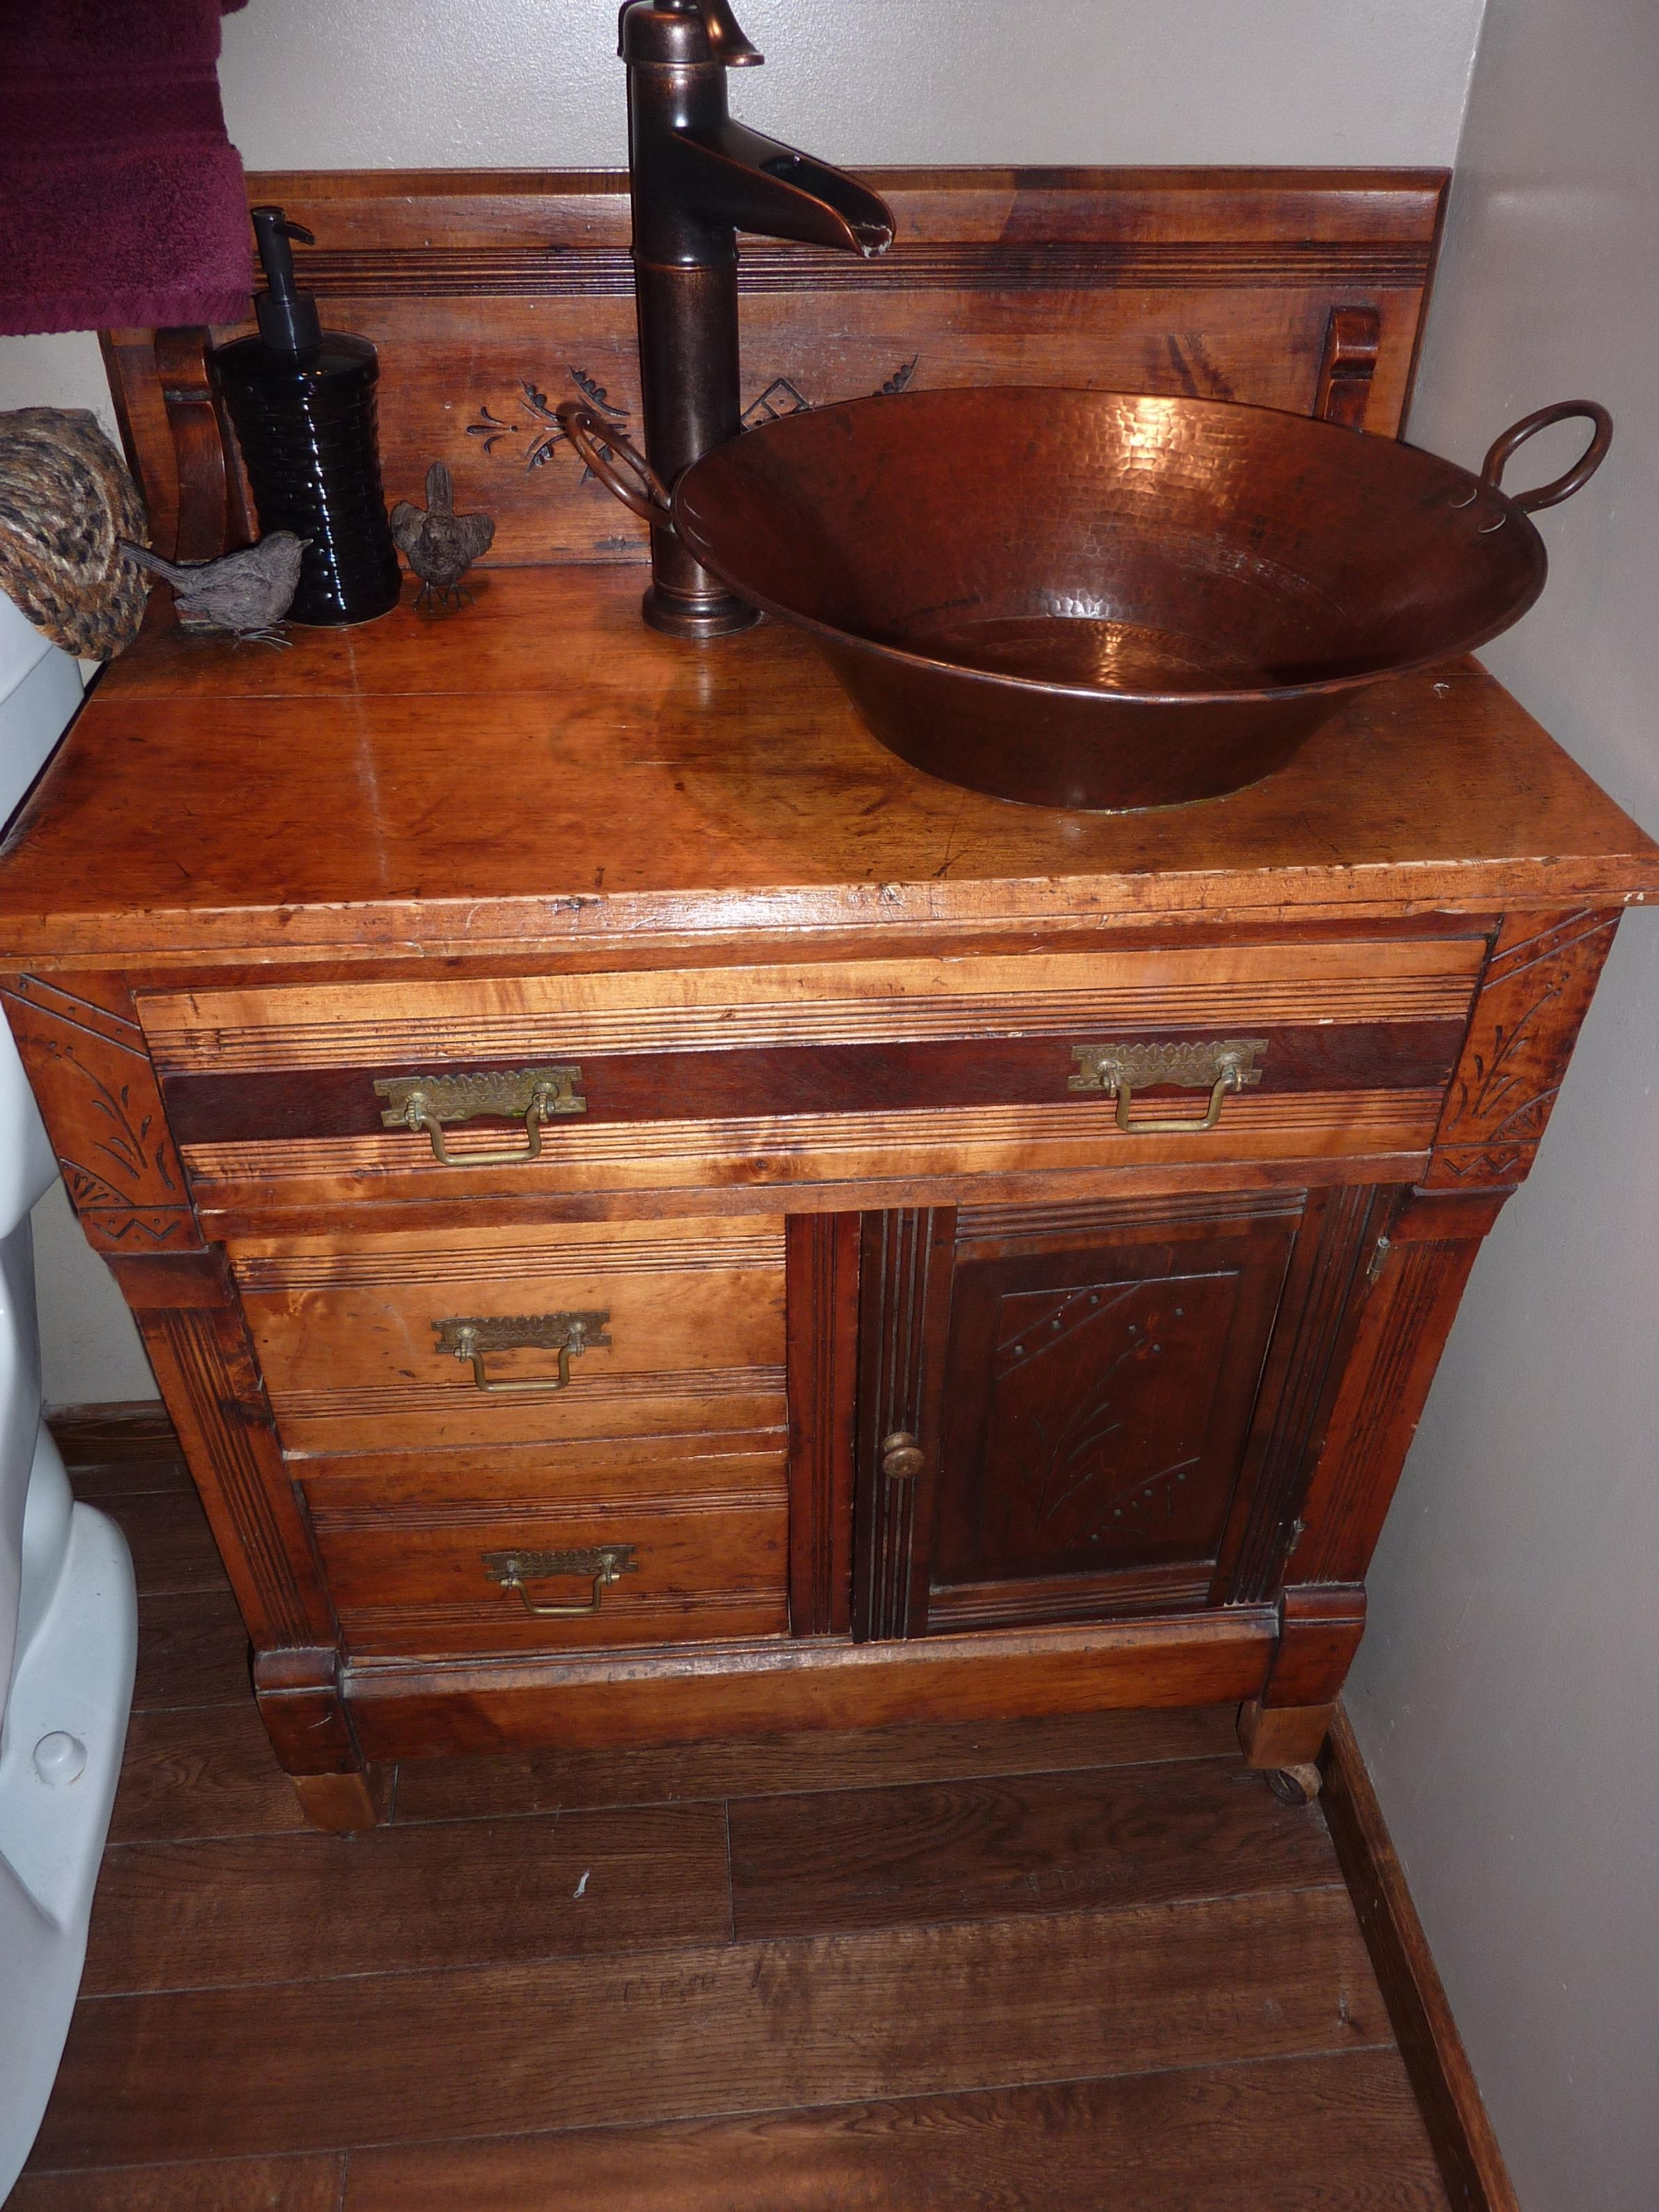 Ideas, hand pump style faucet hand pump style faucet pitcher pump faucet cratem 2381 x 3174  .